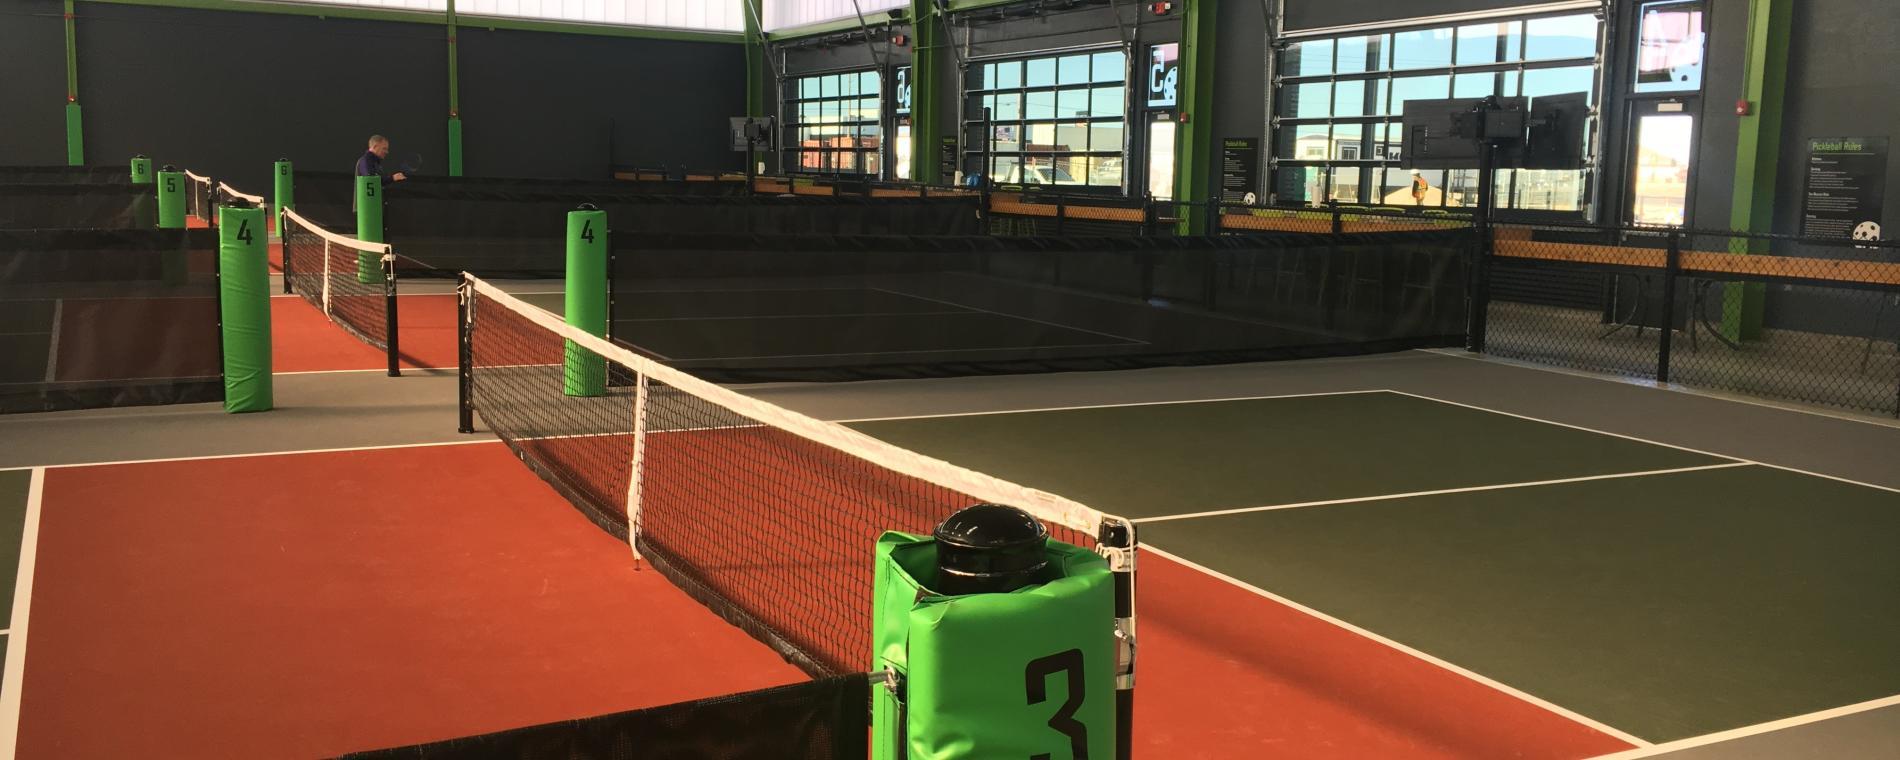 Chx/Pickle Badminton Visit Wichita